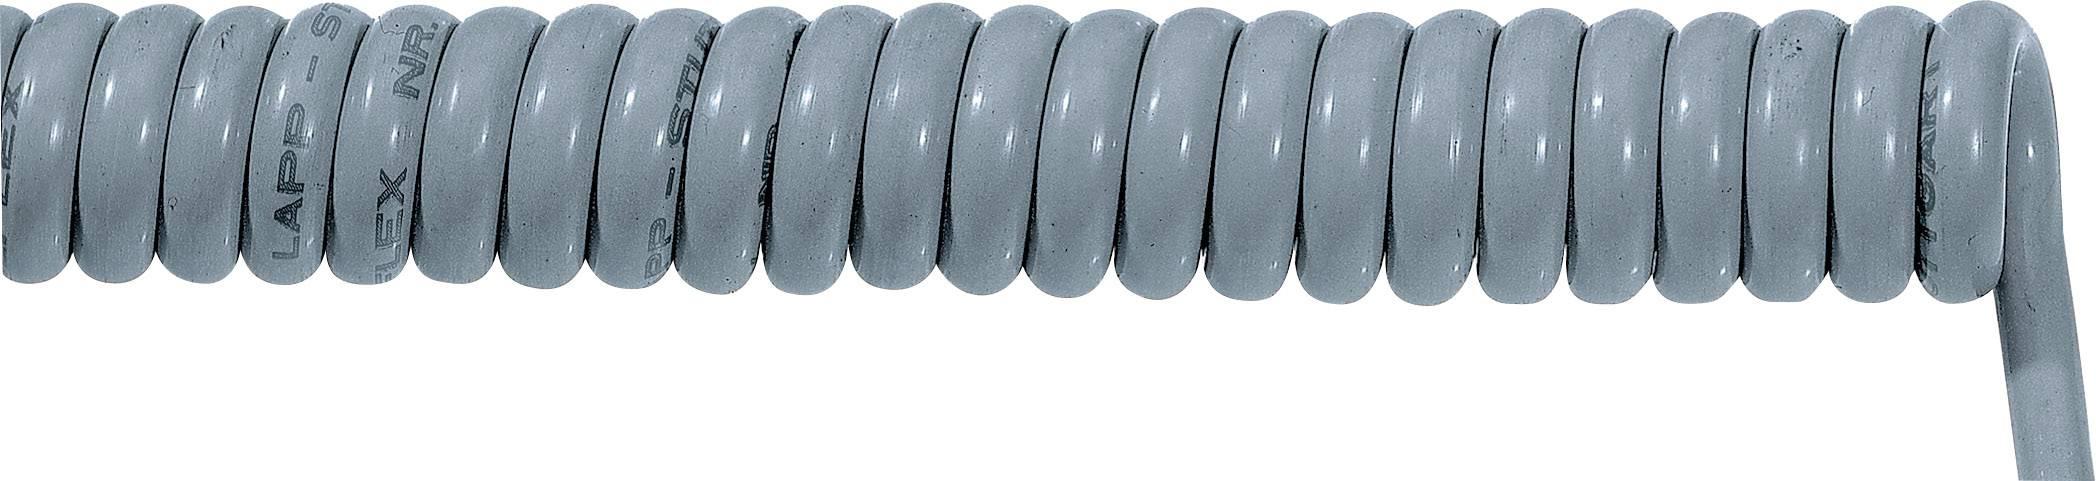 Špirálový kábel 70002729 ÖLFLEX® SPIRAL 400 P 7 x 0.75 mm², 2000 mm / 6000 mm, sivá